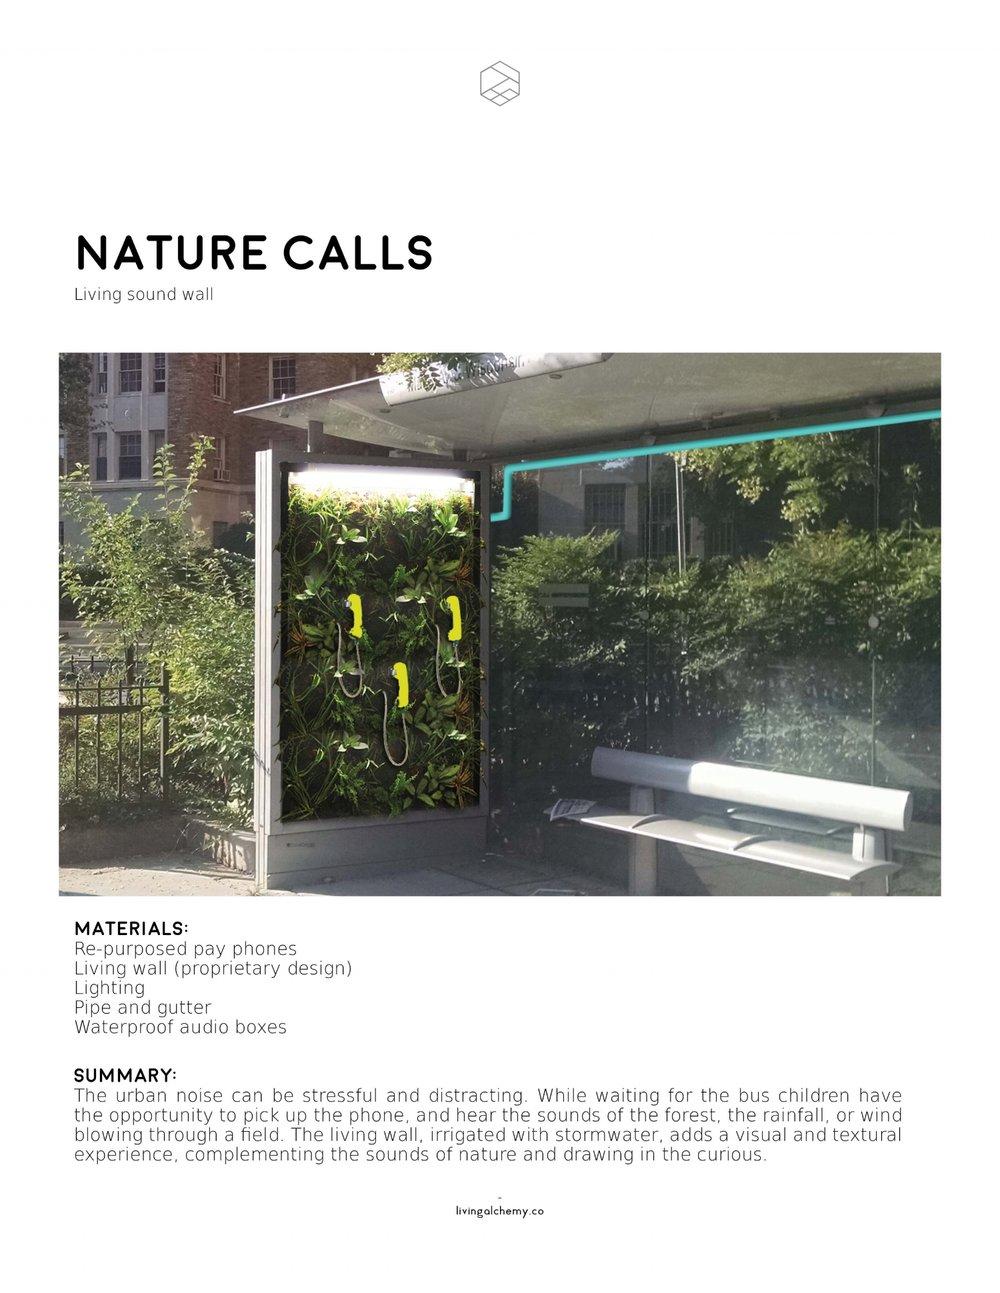 NatureCallsWEB.jpg